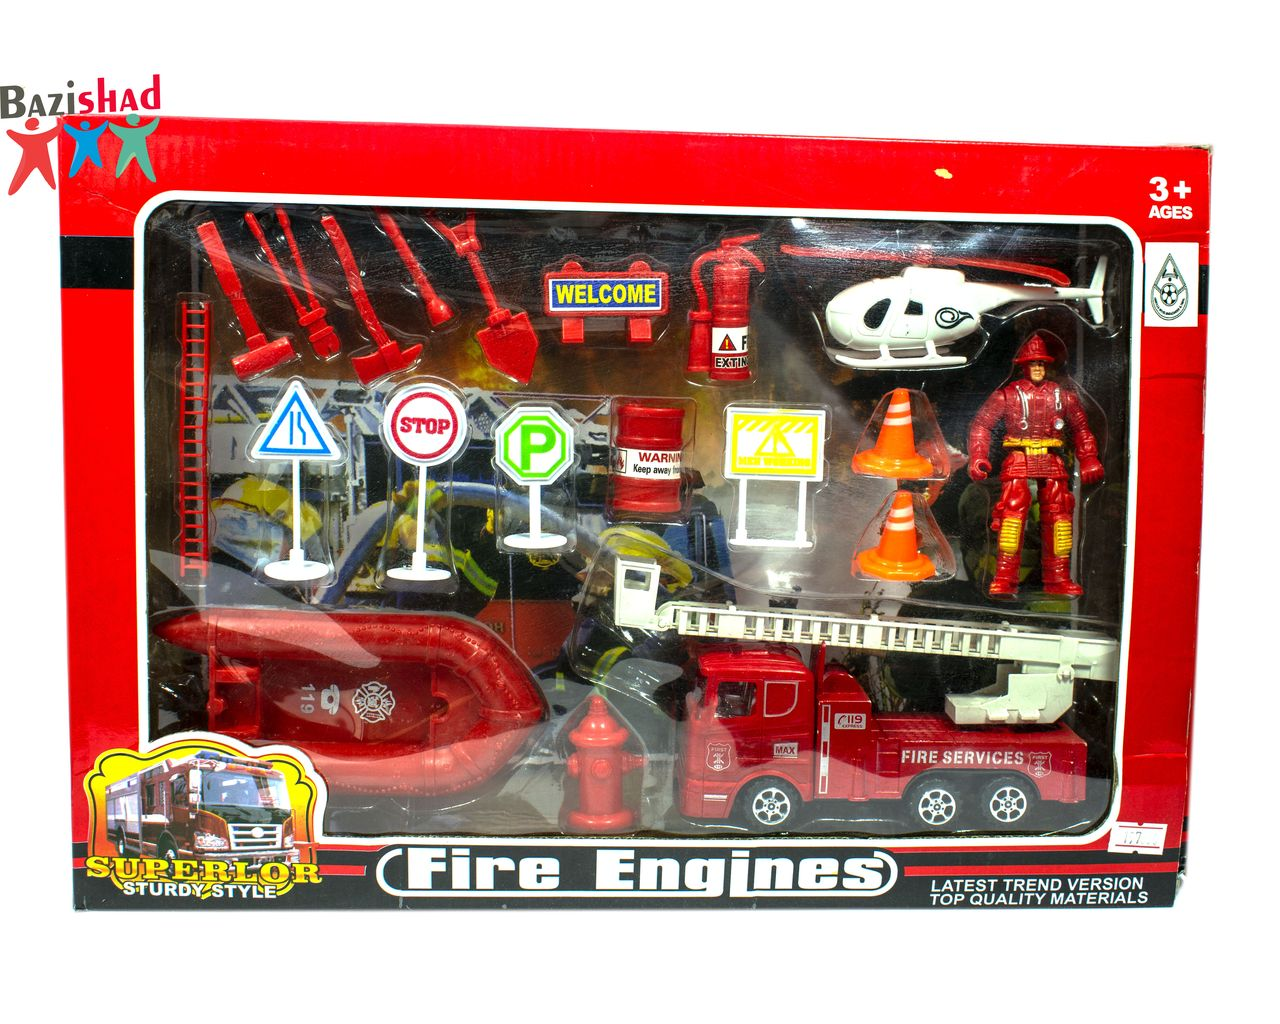 اسباب بازی ایستگاه آتش نشانی fire engines